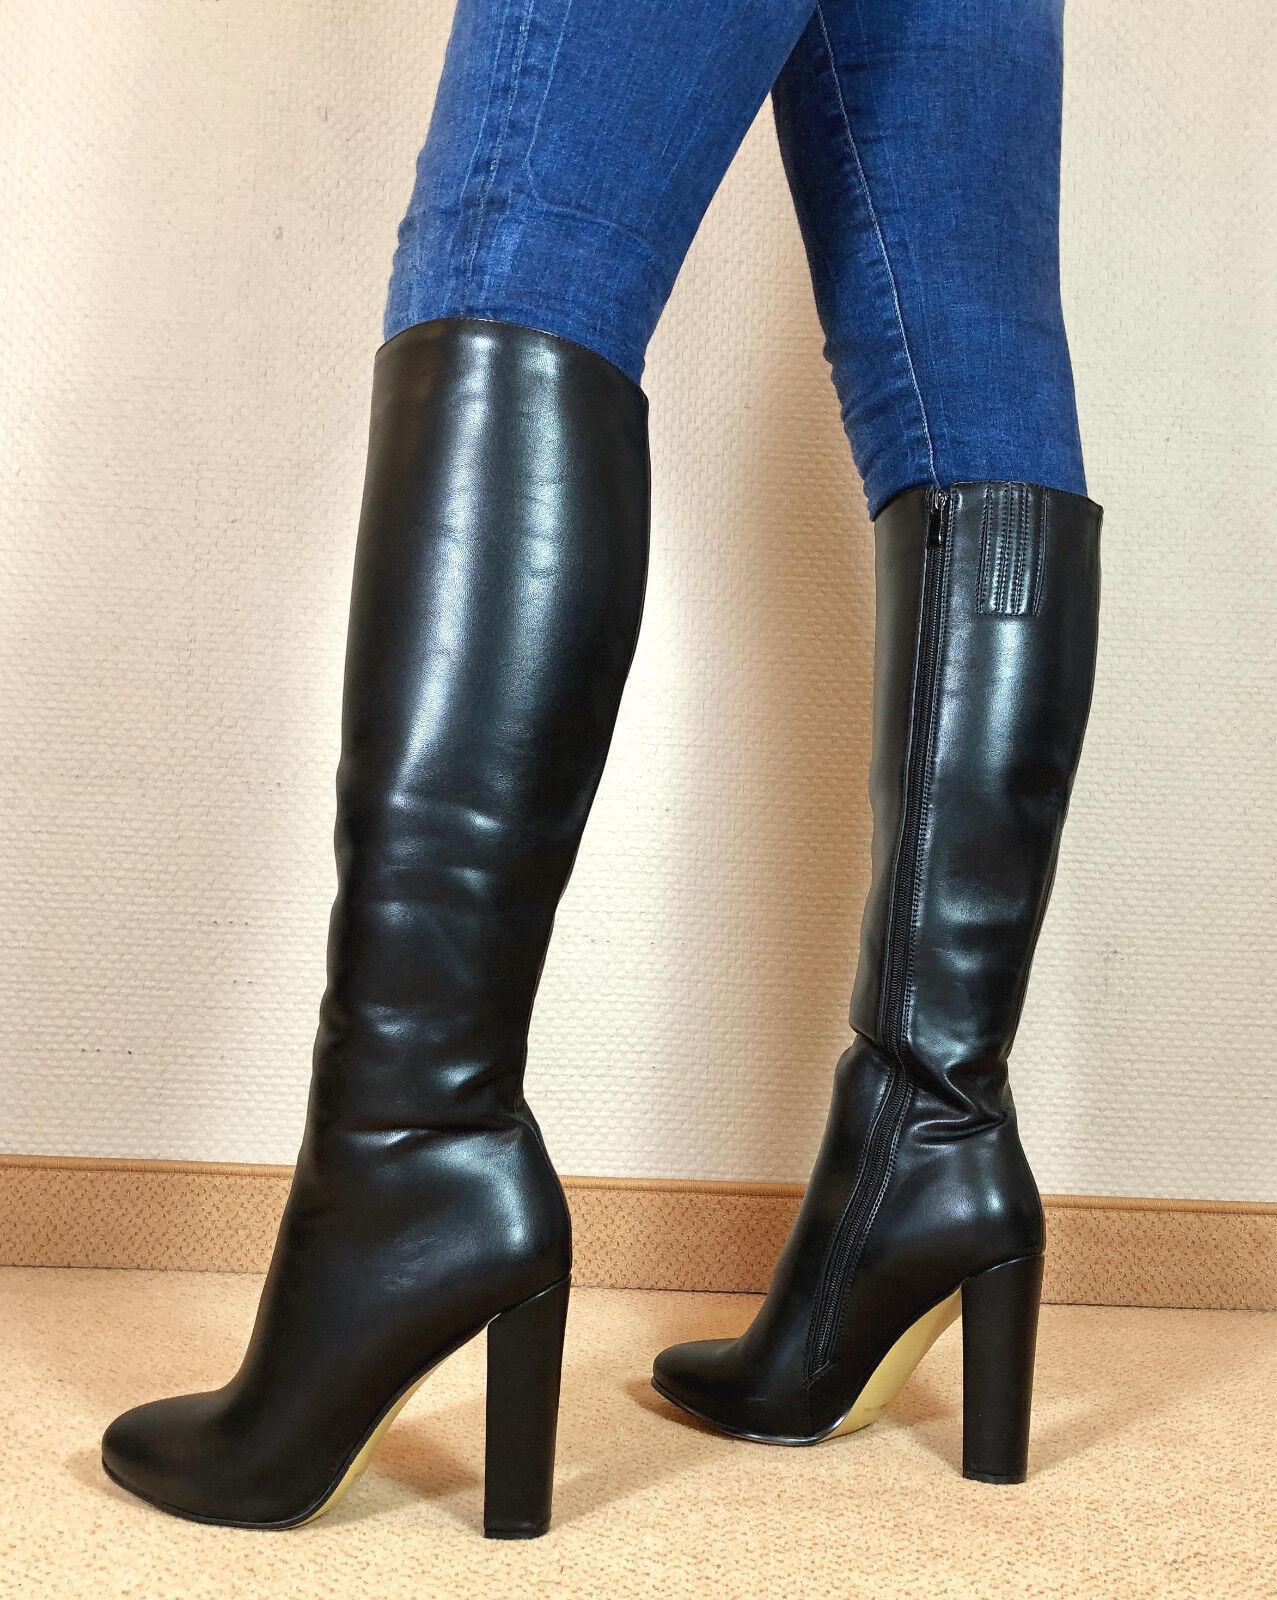 Gr.41 TOP! Exklusiv Sexy Damen Schuhe Knee Knie Stiletto Stiefel Männer Boots D9